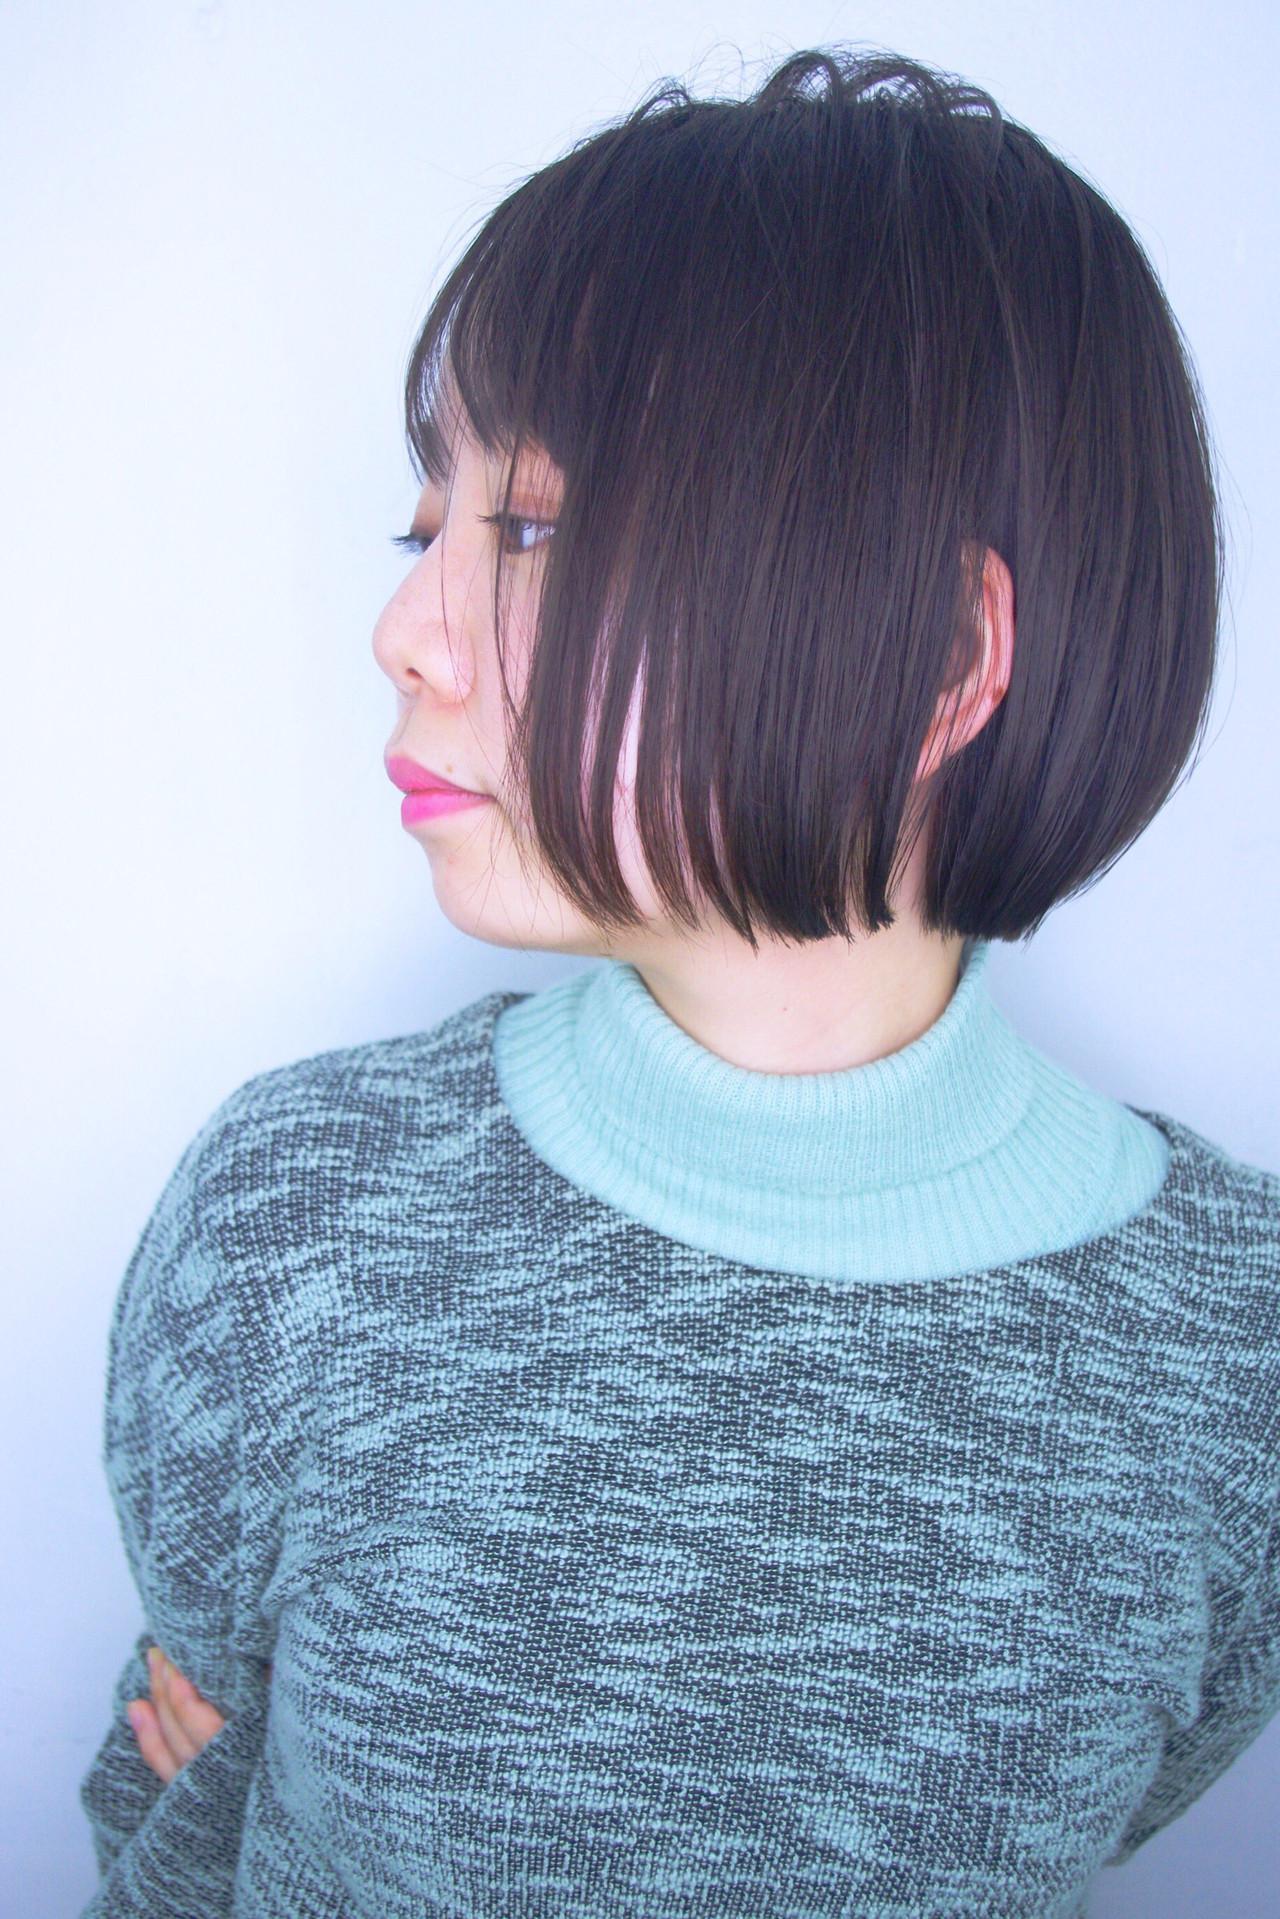 ナチュラル オフィス デート ボブ ヘアスタイルや髪型の写真・画像 | 日平 海 / モリオフロムロンドン 池袋店